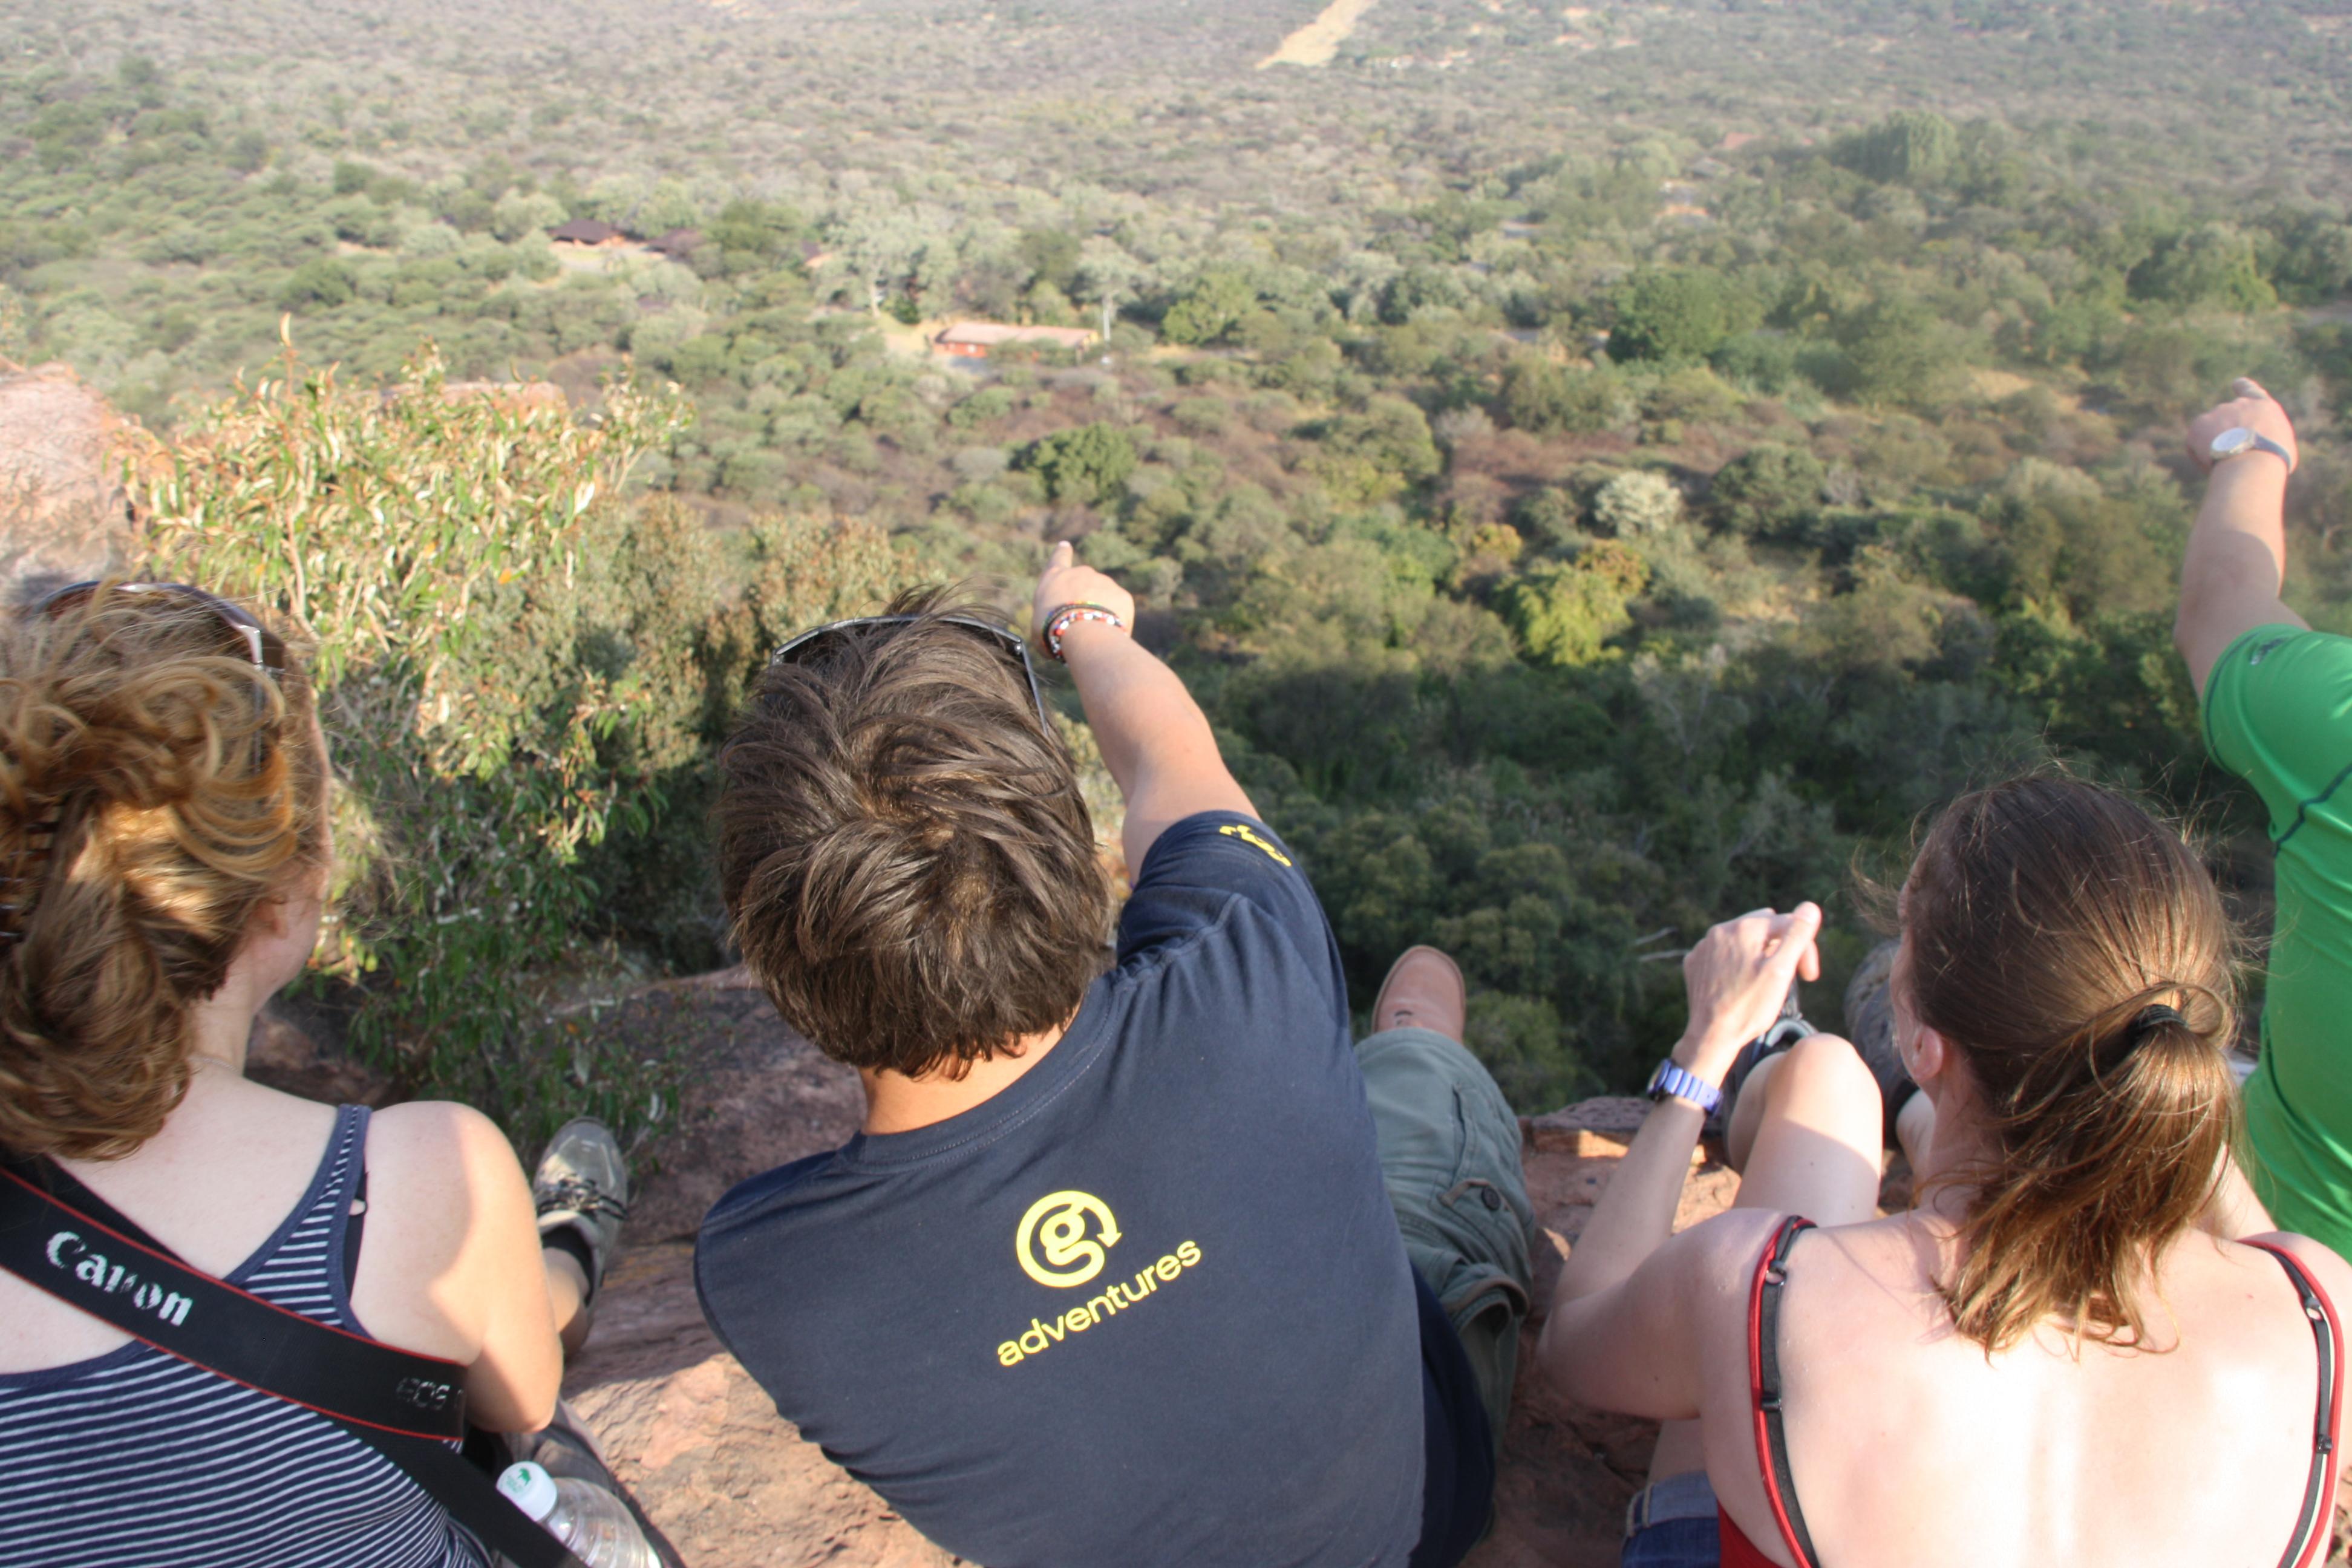 Aussicht Waterberg Namibia G Adventures